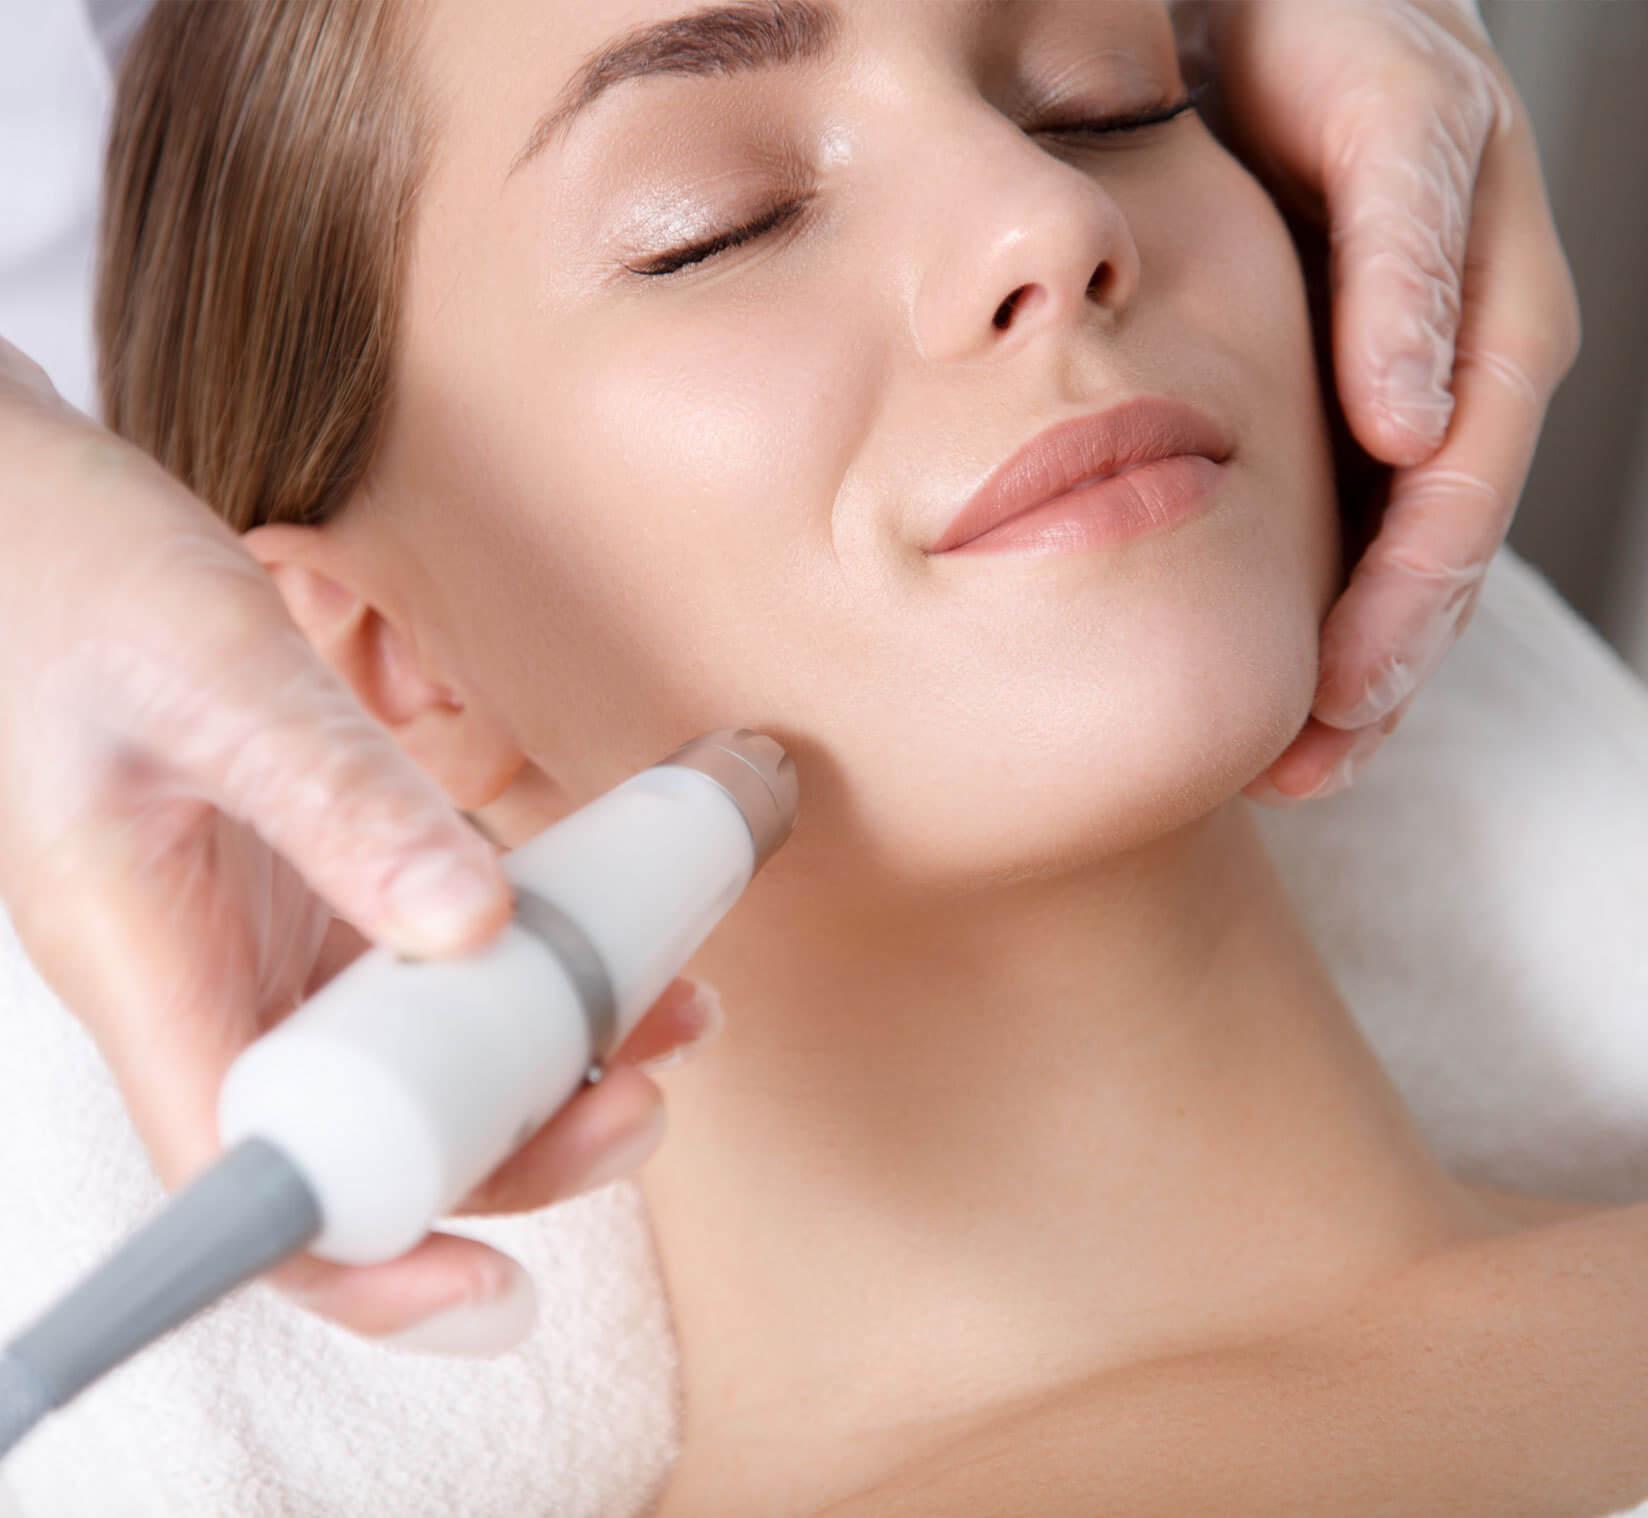 Kosmetik - Ultraschall-Behandlung in Berlin